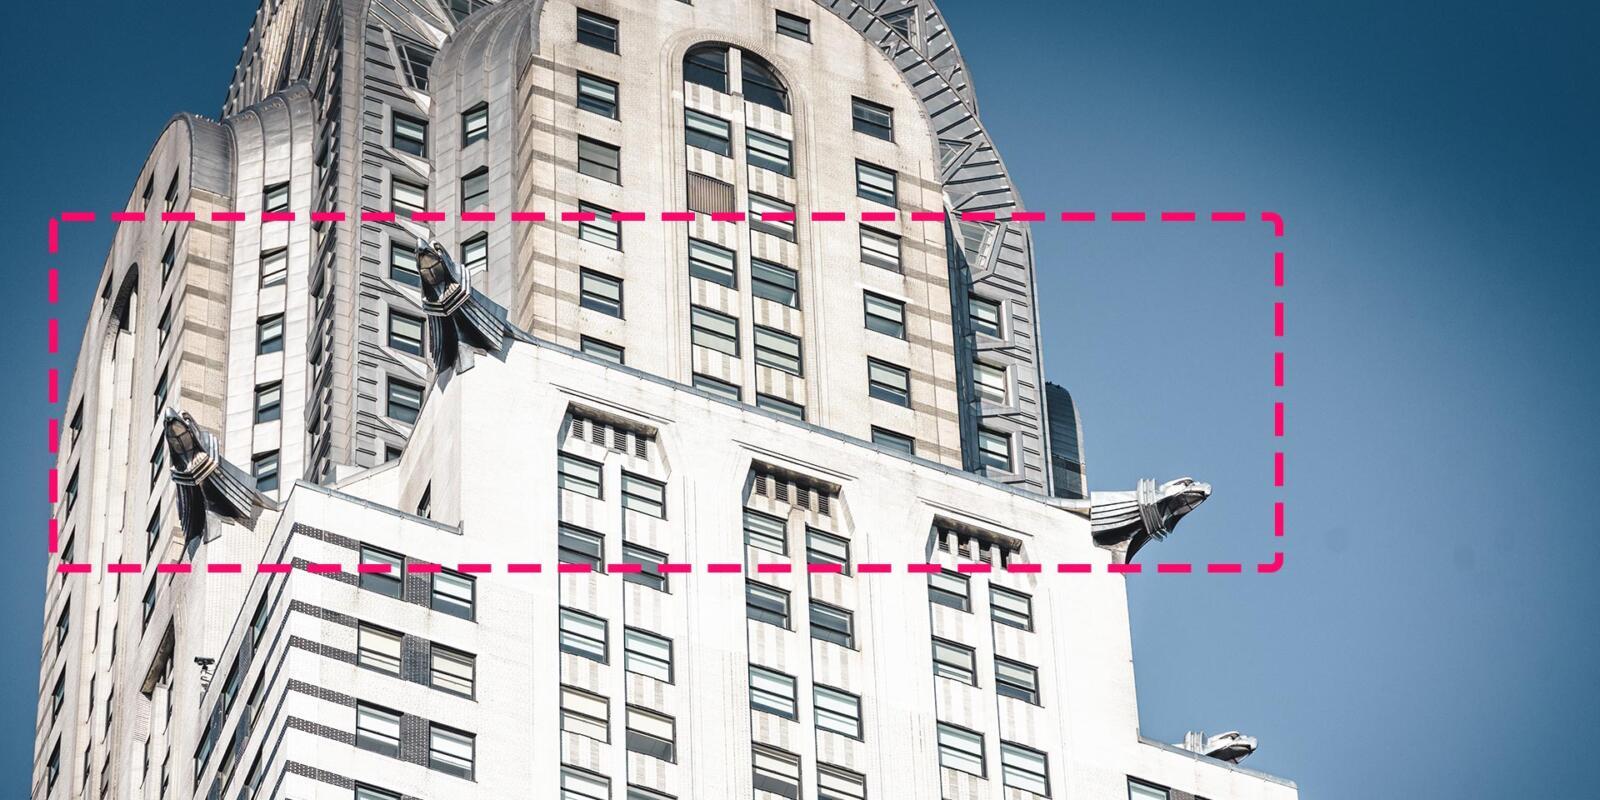 Altura de la plataforma de observación del edificio Chrysler